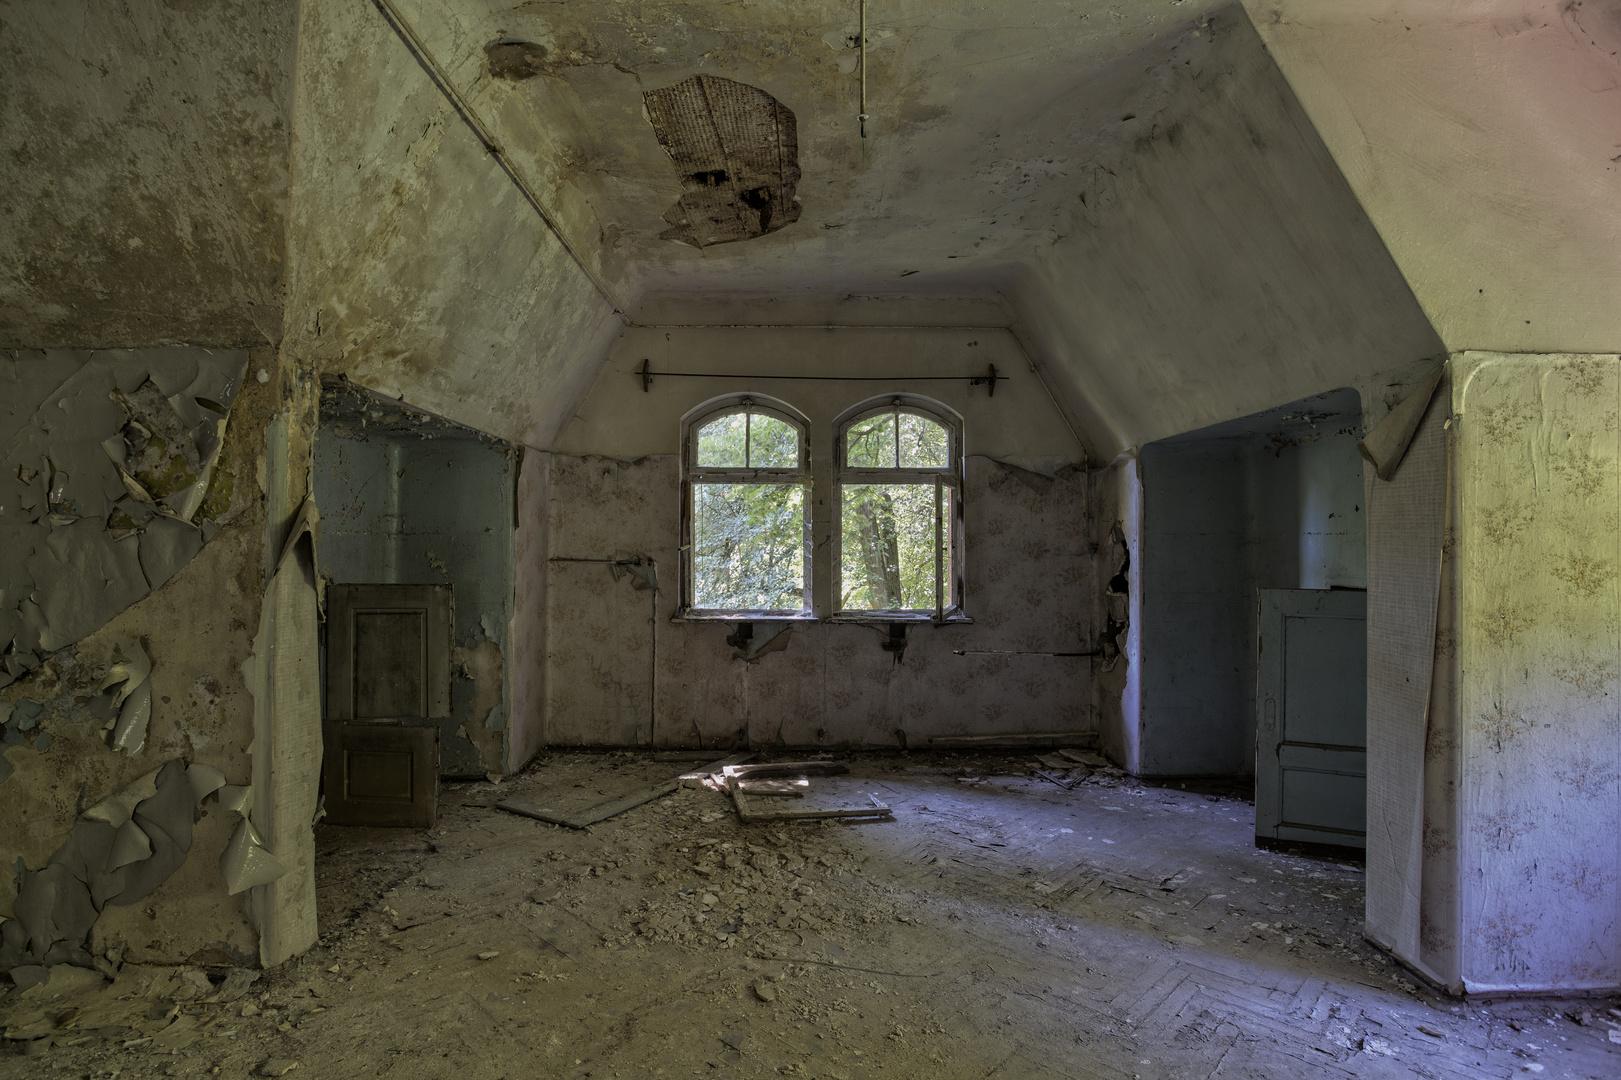 Beelitz Heilstätten - Frauensanatorium (33)